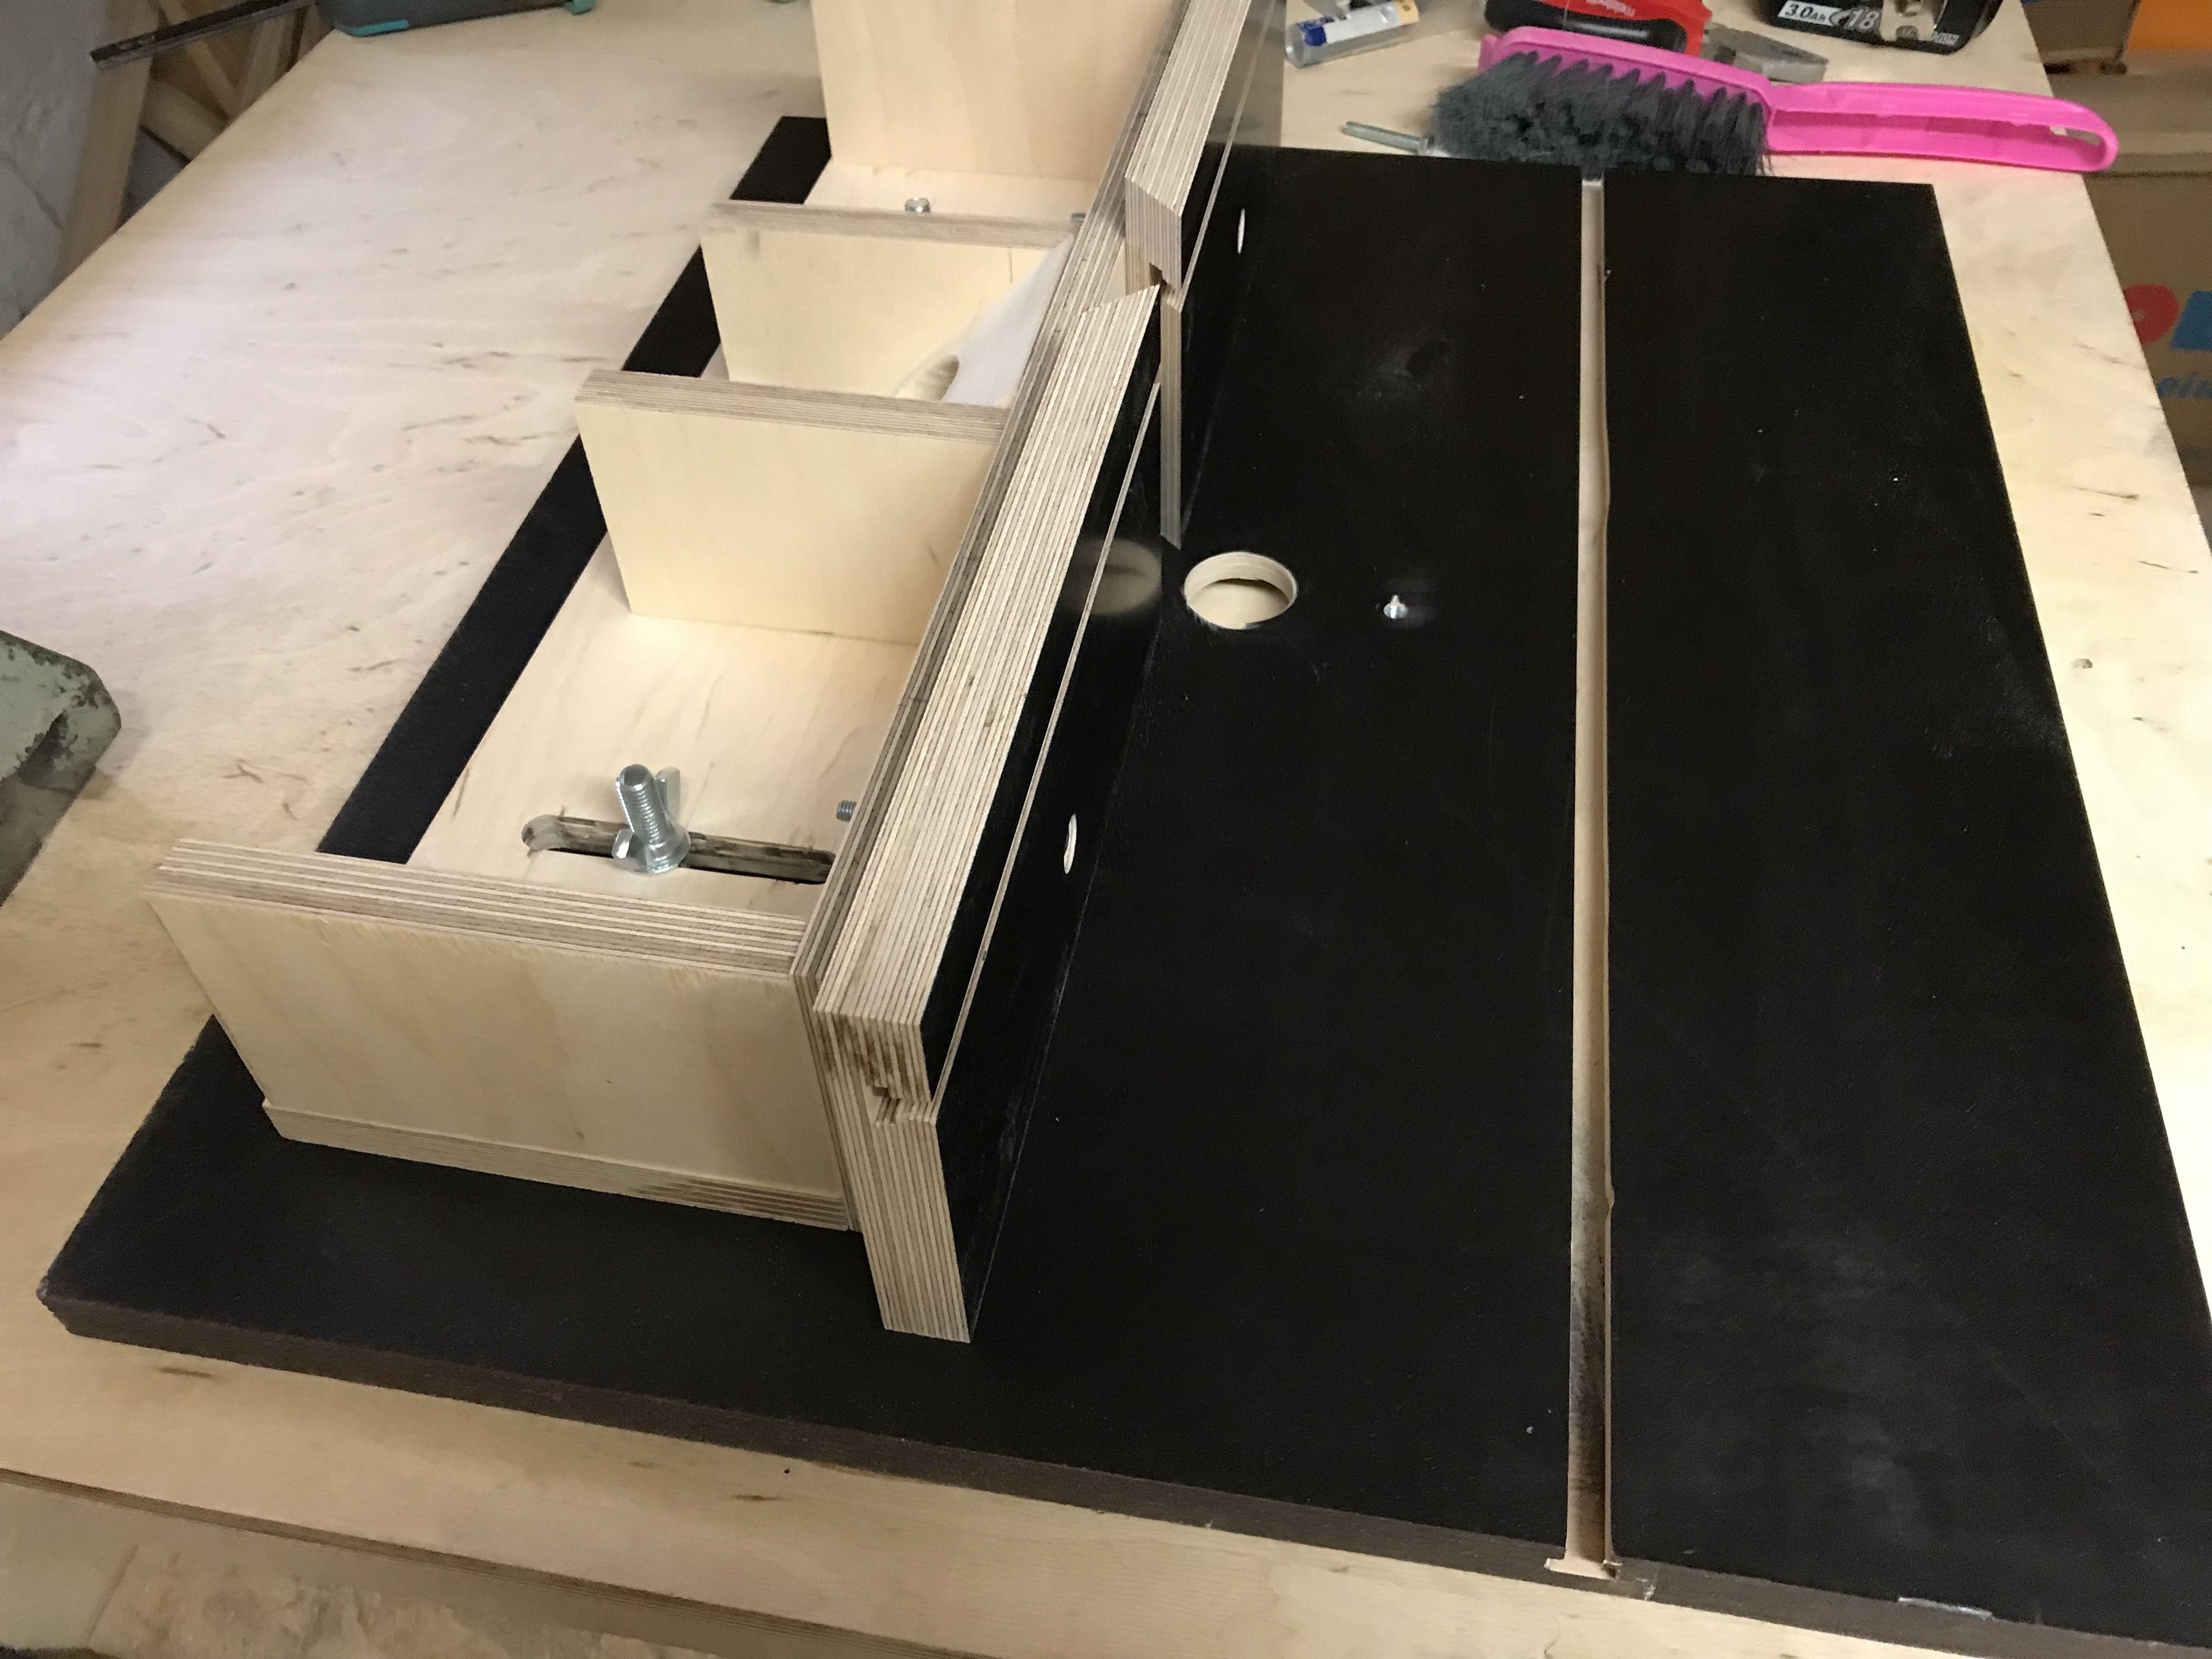 selbstgebauter frästisch - diy milling table. 🛠material